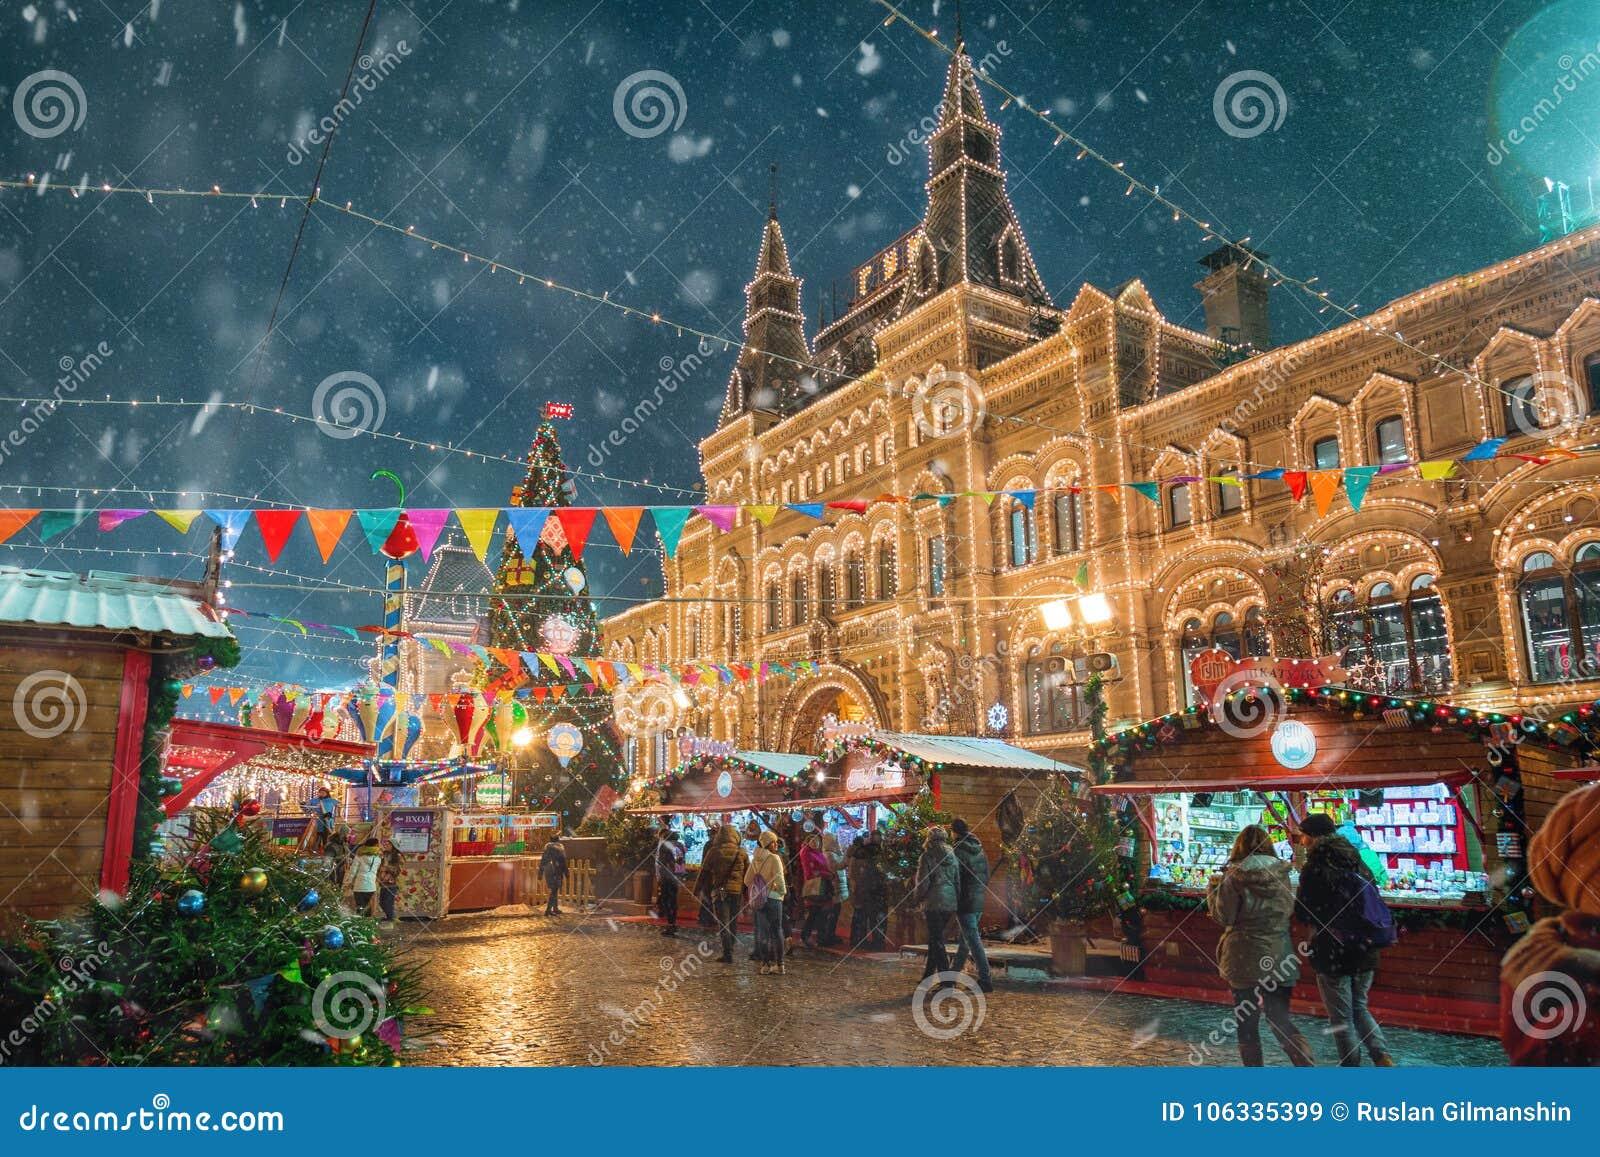 Москва, Россия - 5-ое декабря 2017: КАМЕДЬ торгового дома рождественской елки на красной площади в Москве, России